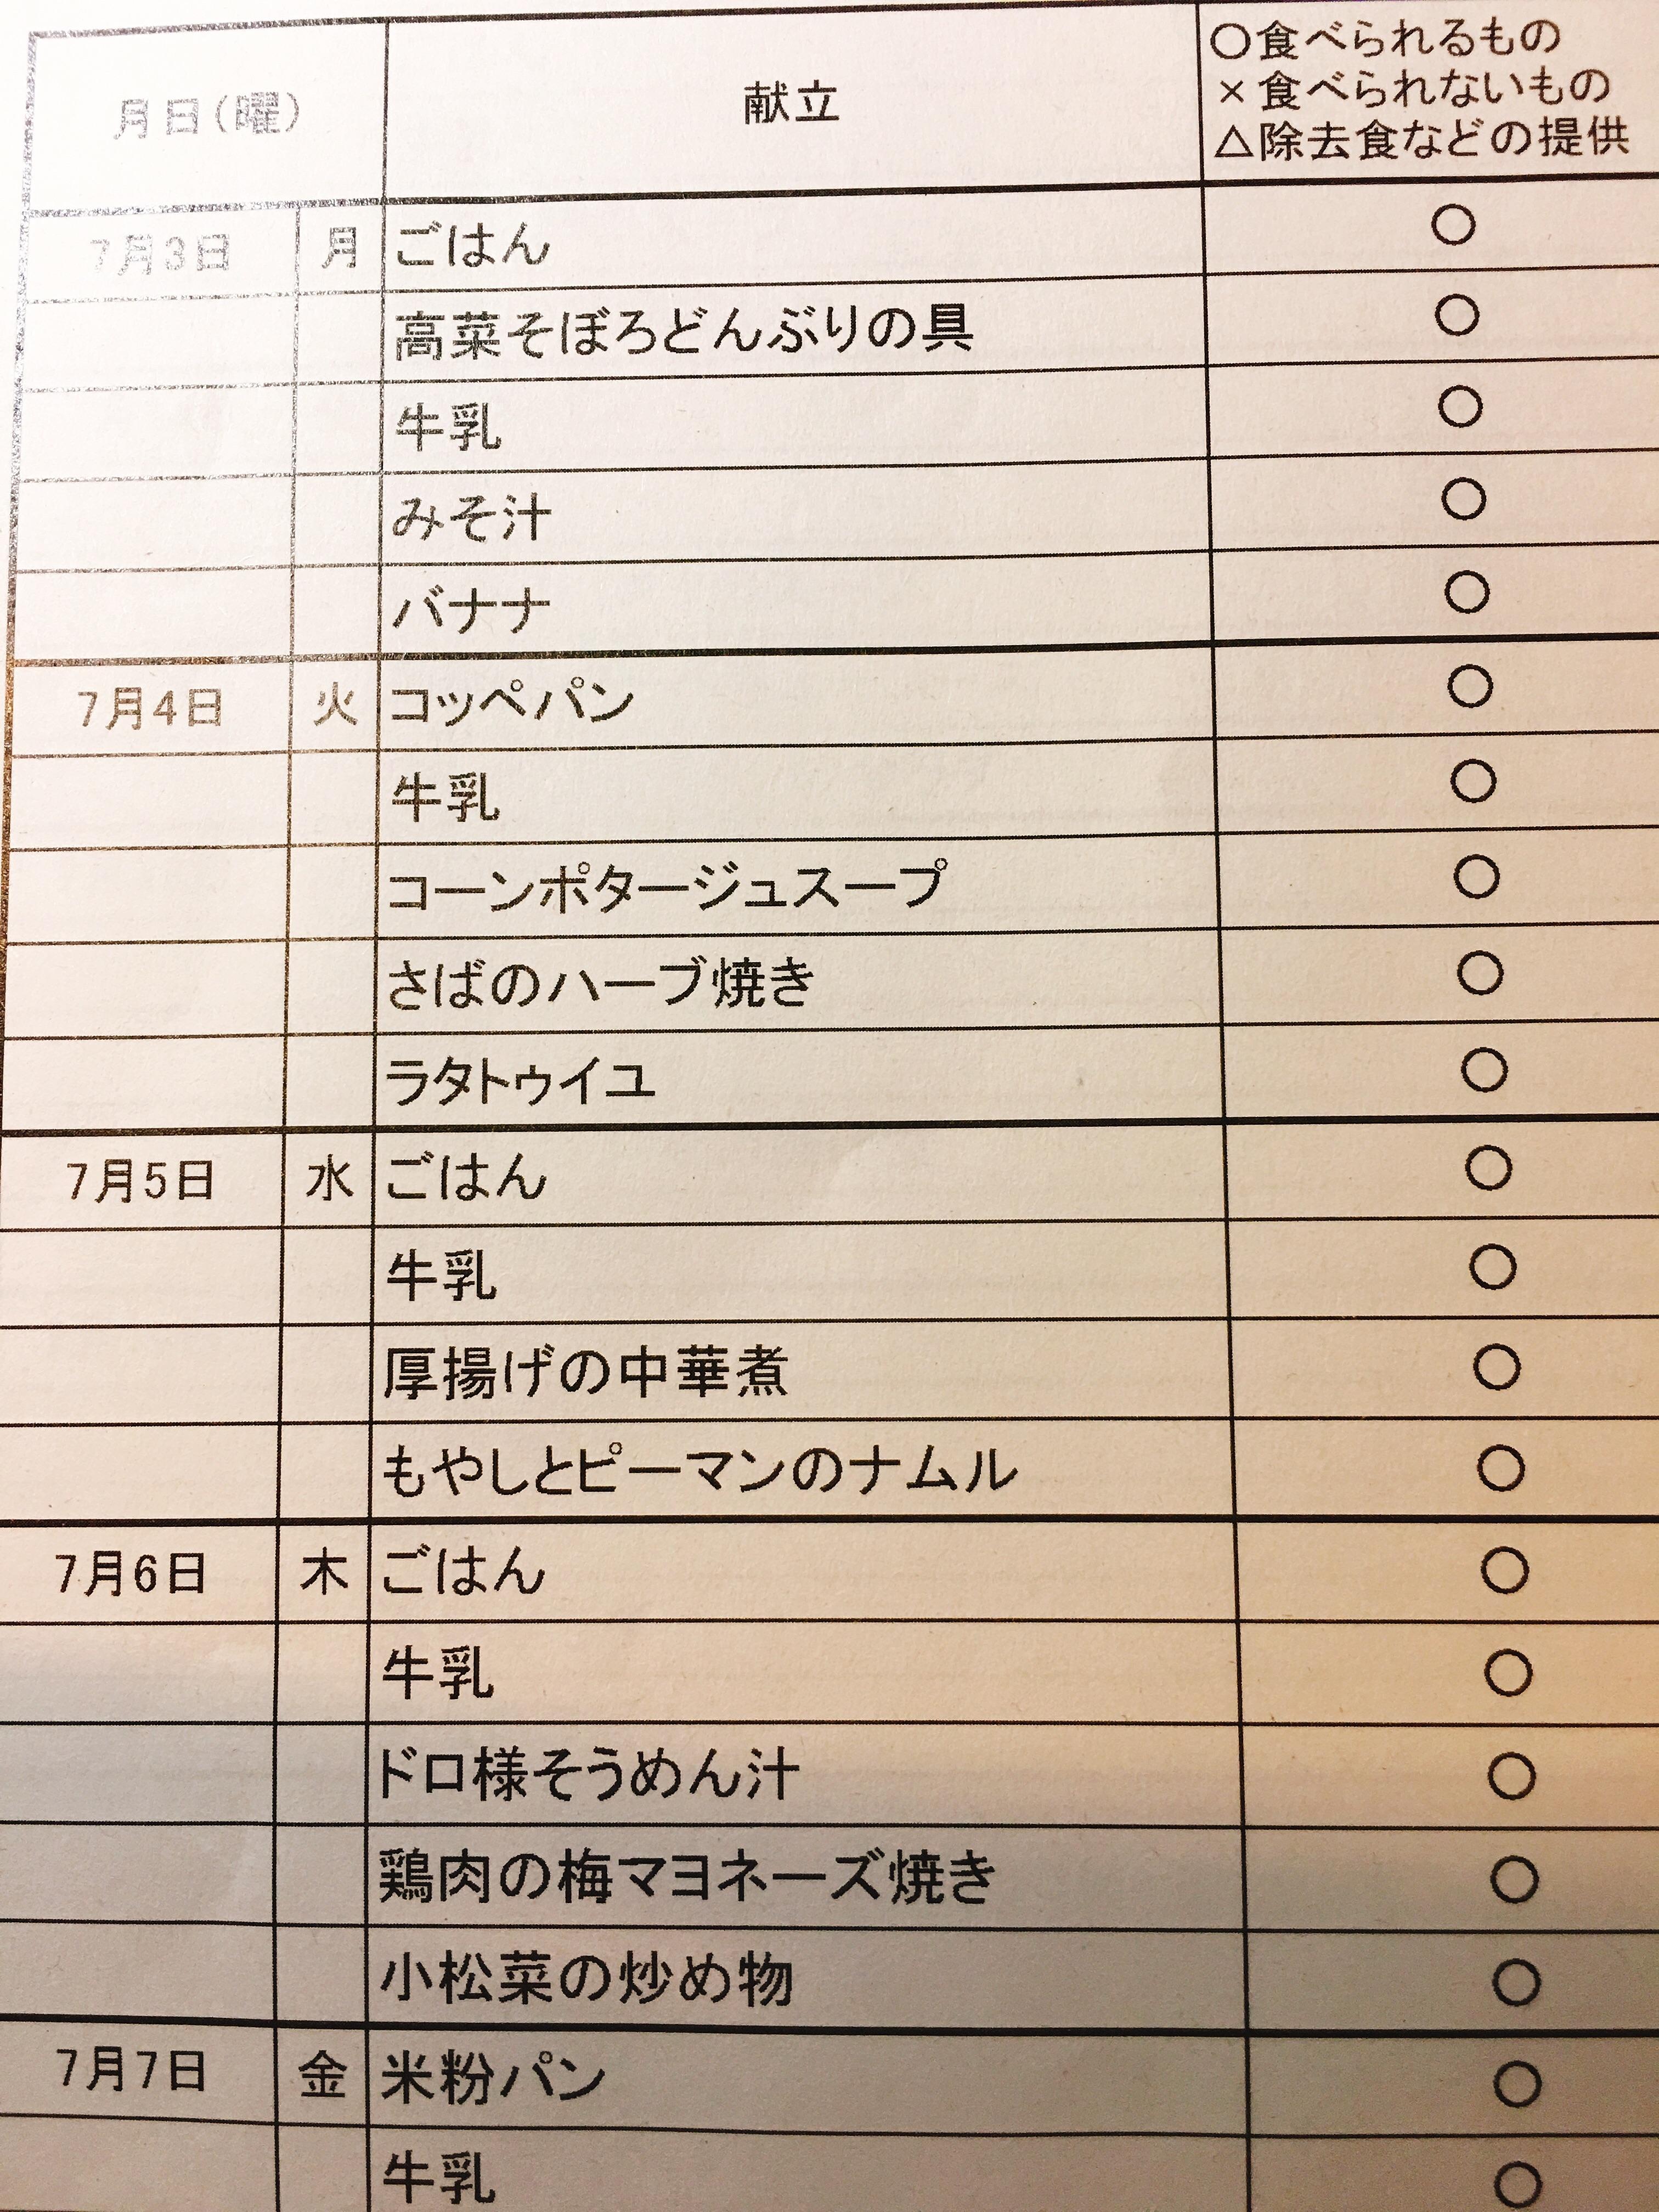 f:id:allergy_nagasakikko:20170626073403j:image